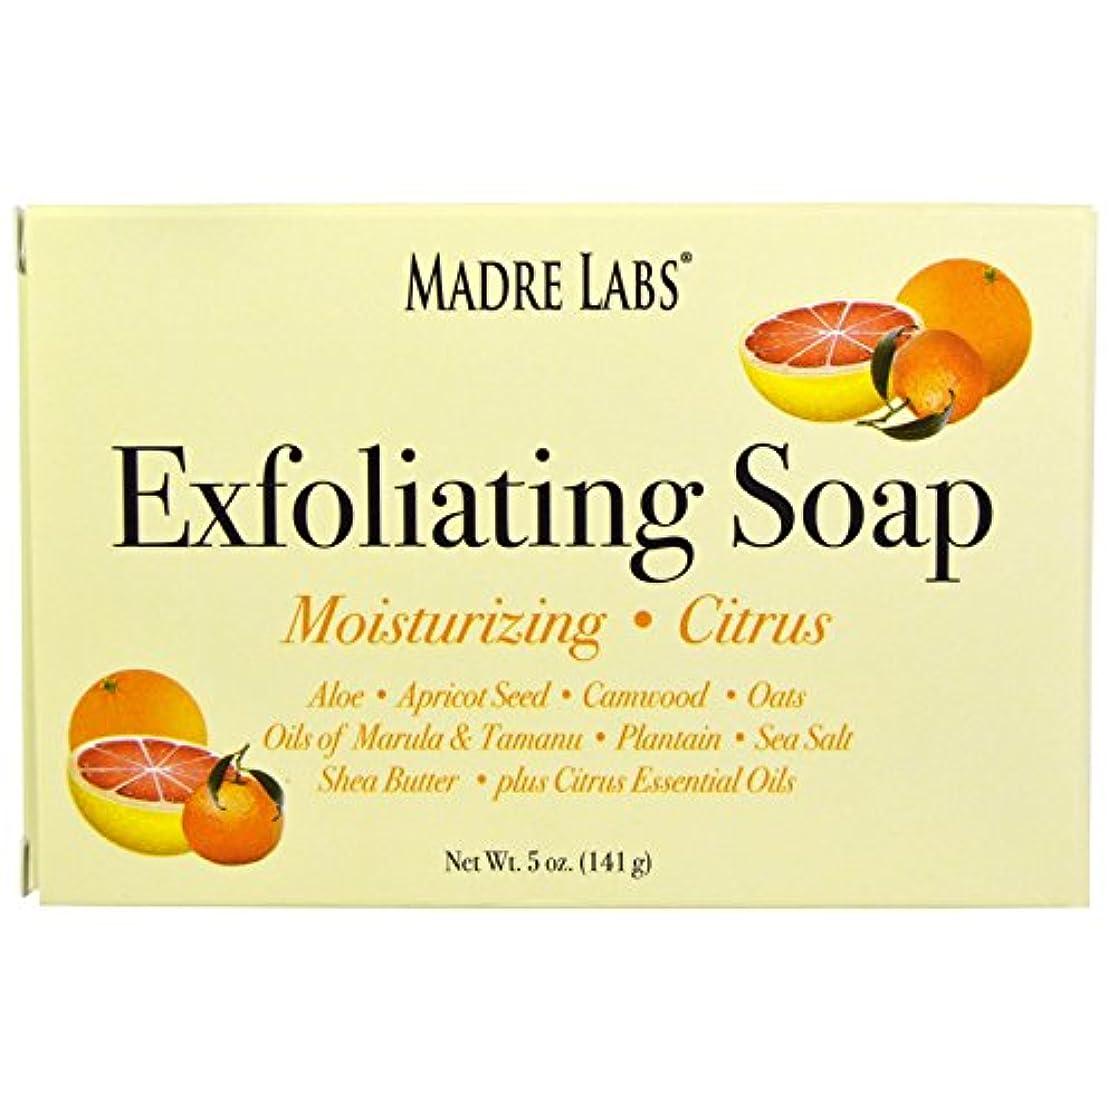 押し下げる使役湖マドレラブ シアバター入り石鹸 柑橘フレーバー Madre Labs Exfoliating Soap Bar with Marula & Tamanu Oils plus Shea Butter